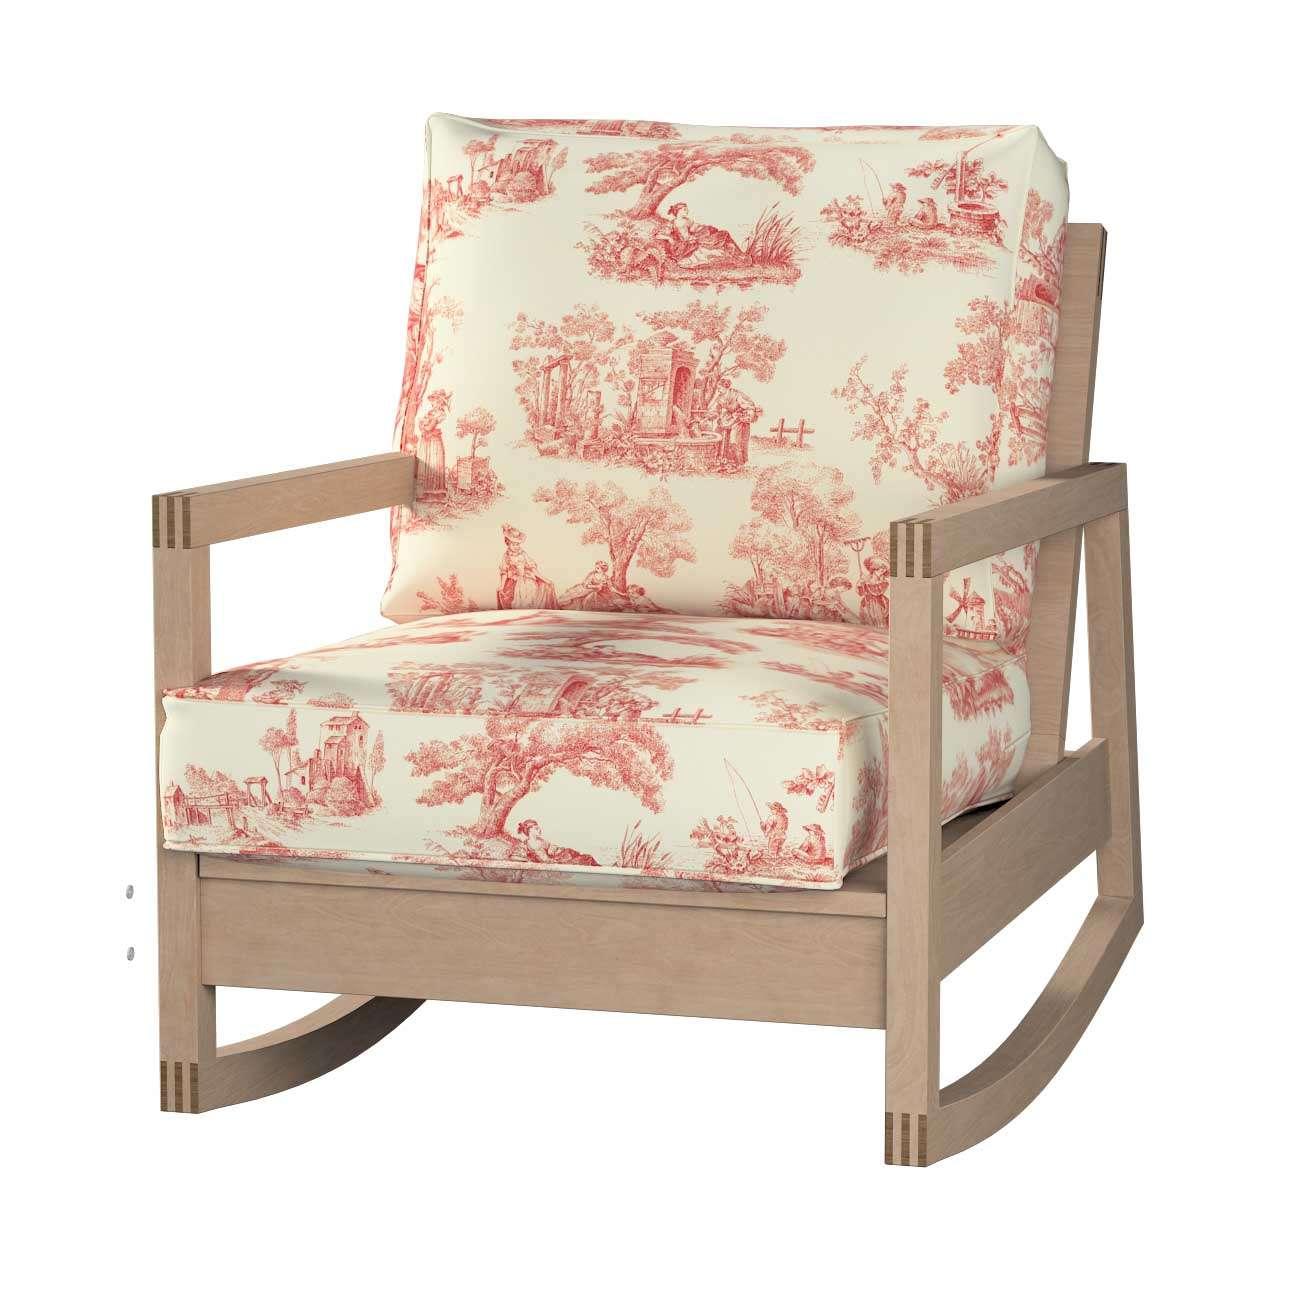 LILLBERG fotelio užvalkalas LILLBERG fotelio užvalkalas kolekcijoje Avinon, audinys: 132-15